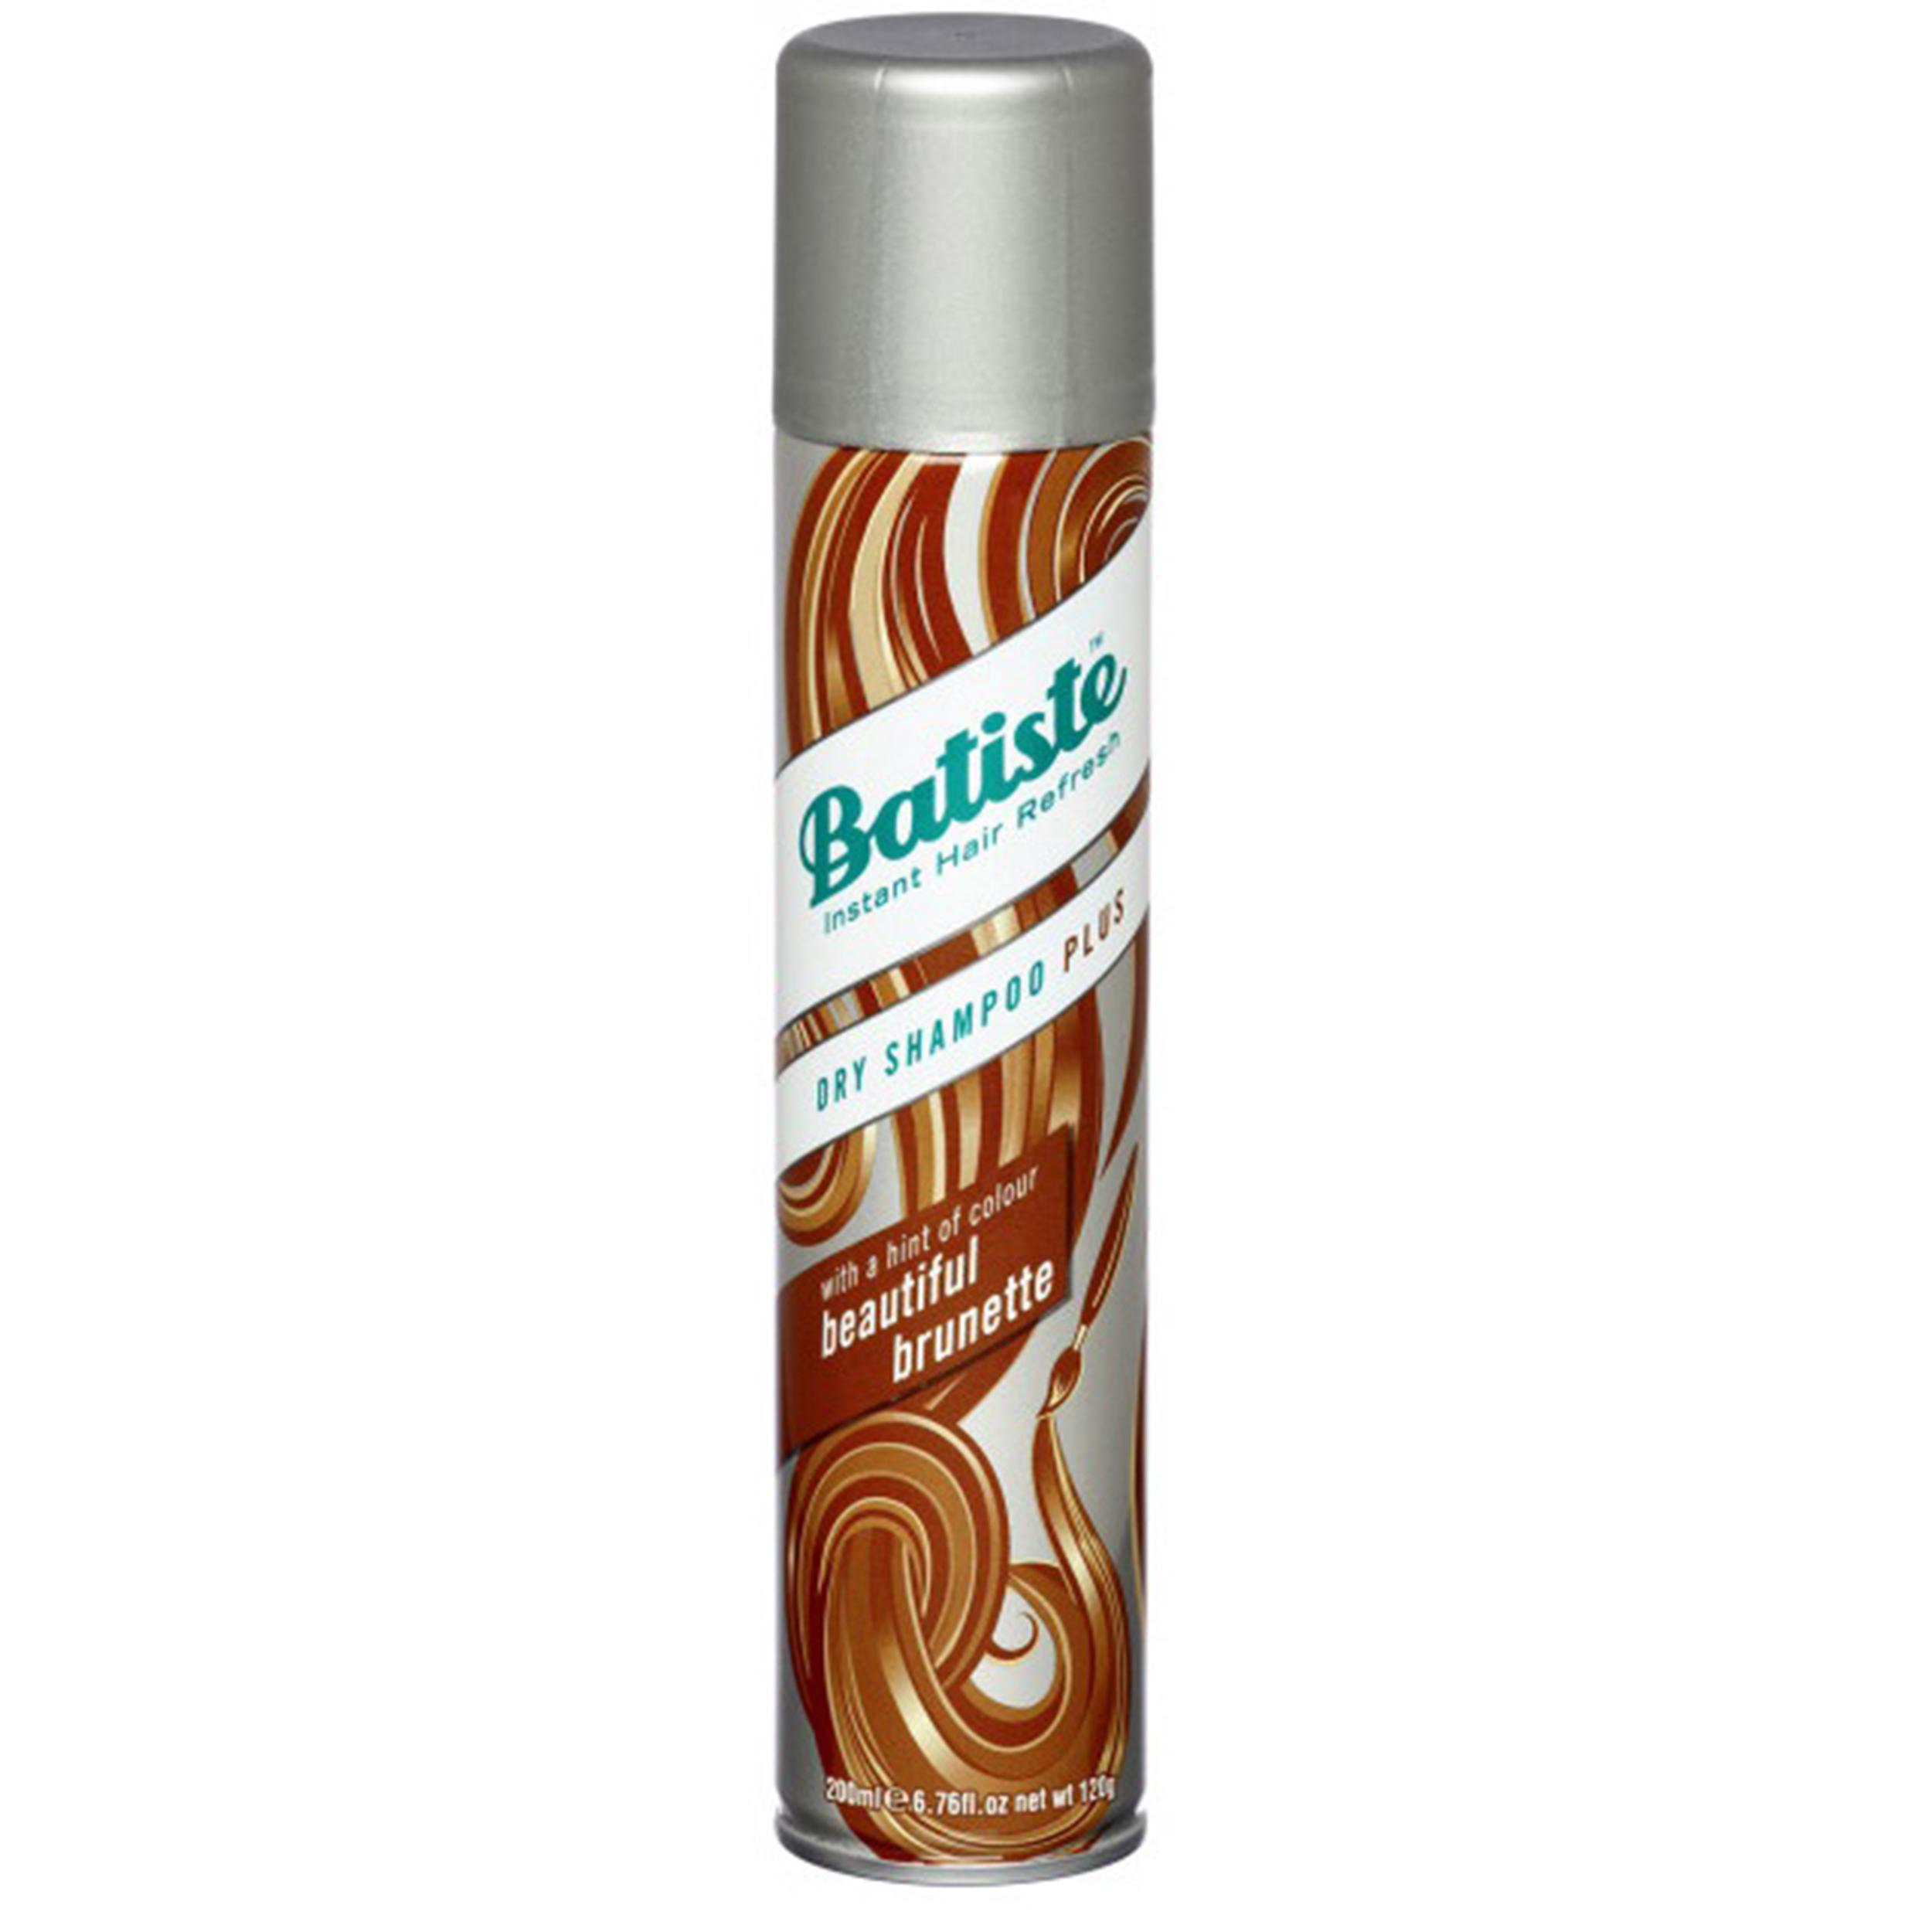 Купить Сухие шампуни Batiste, Сухой шампунь Batiste Dry Shampoo Beautiful Brunette 200 мл